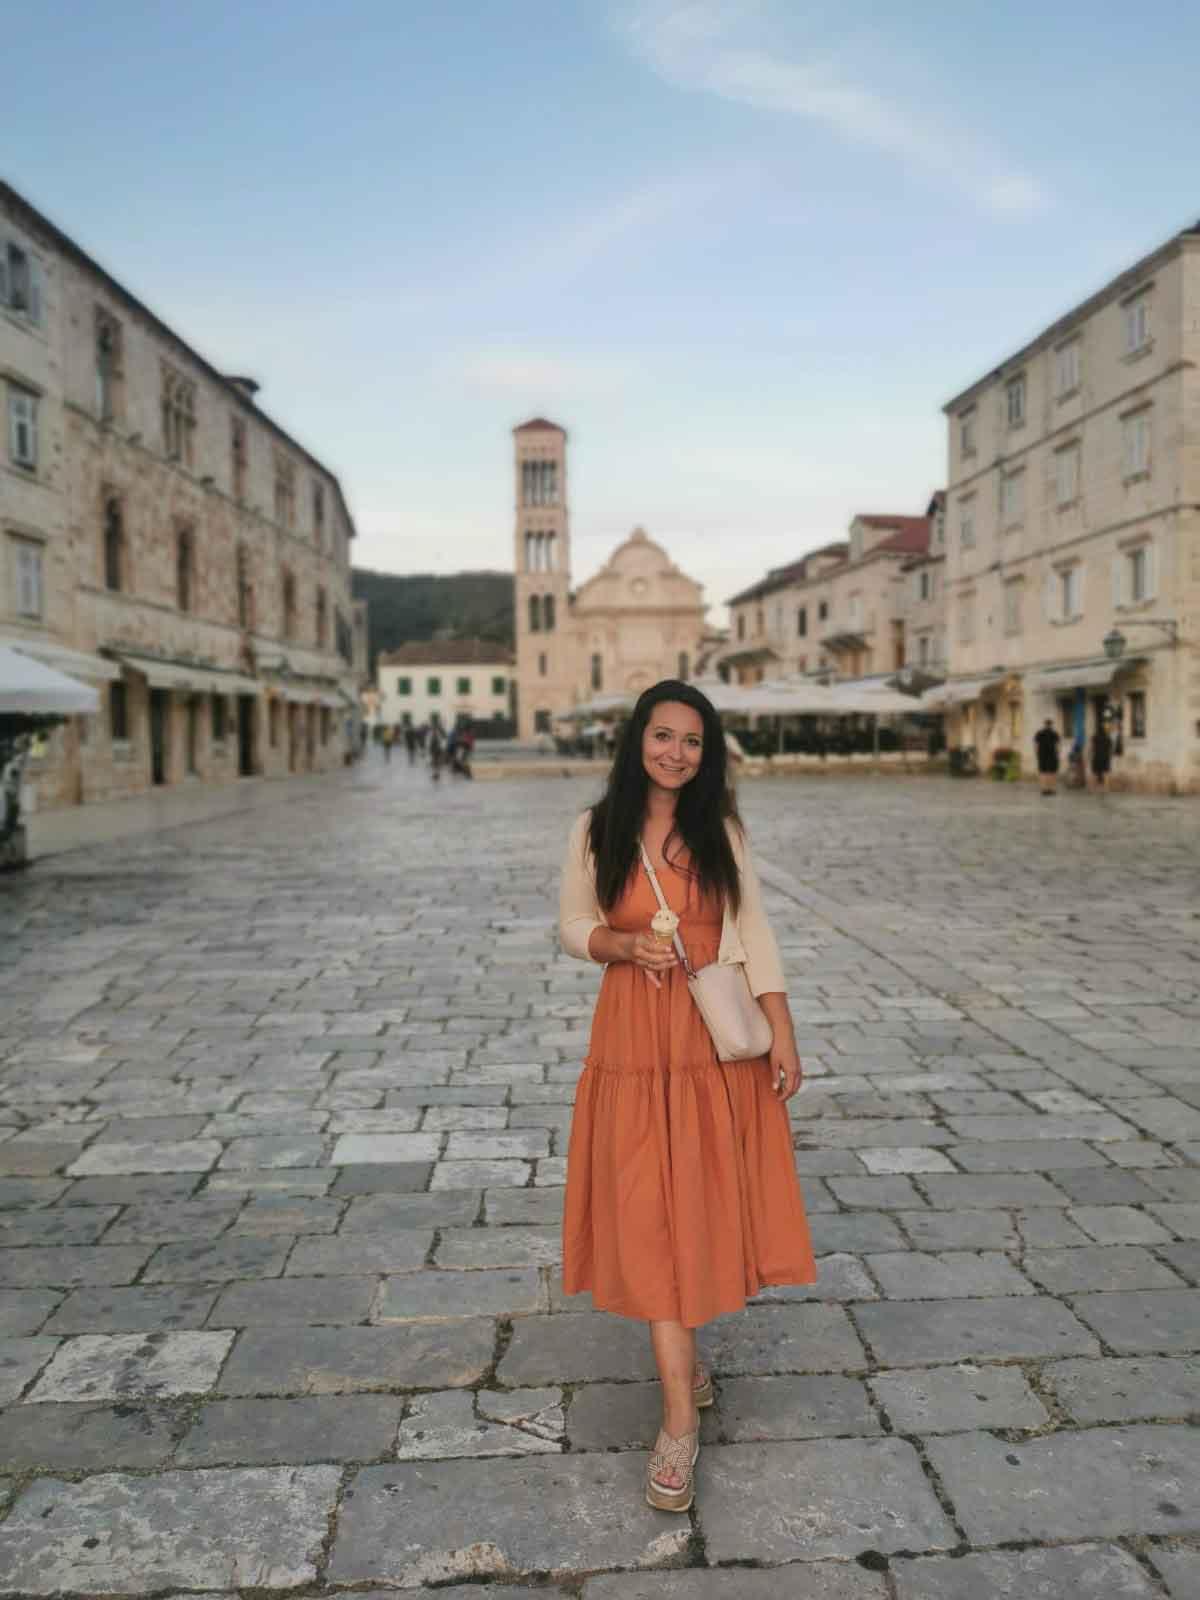 Lana bei ihrem Kroatien-Urlaub in Hvar